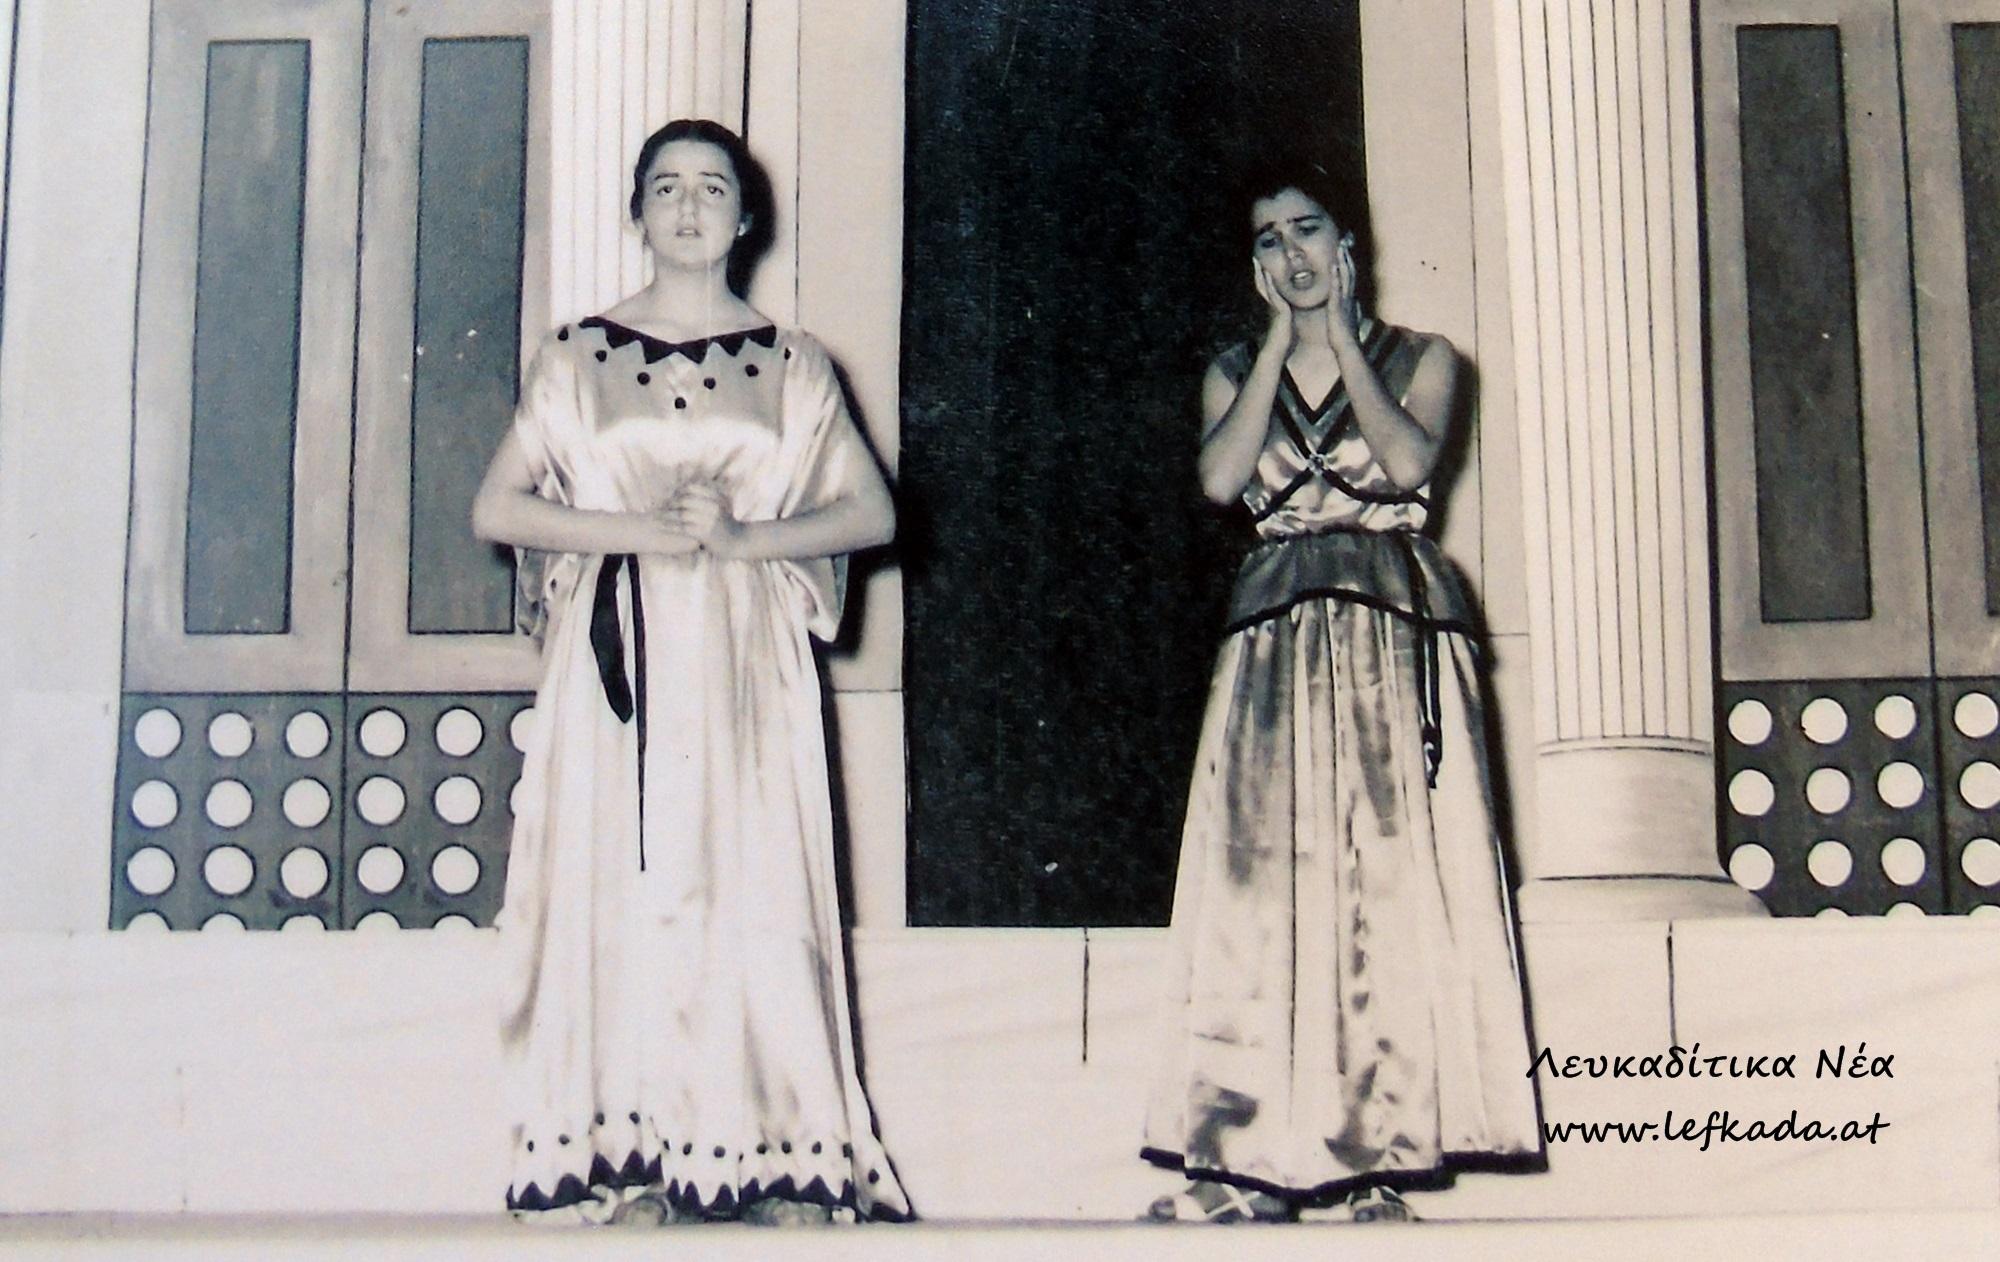 2_antigoni_Sofokli_Xoros_1957